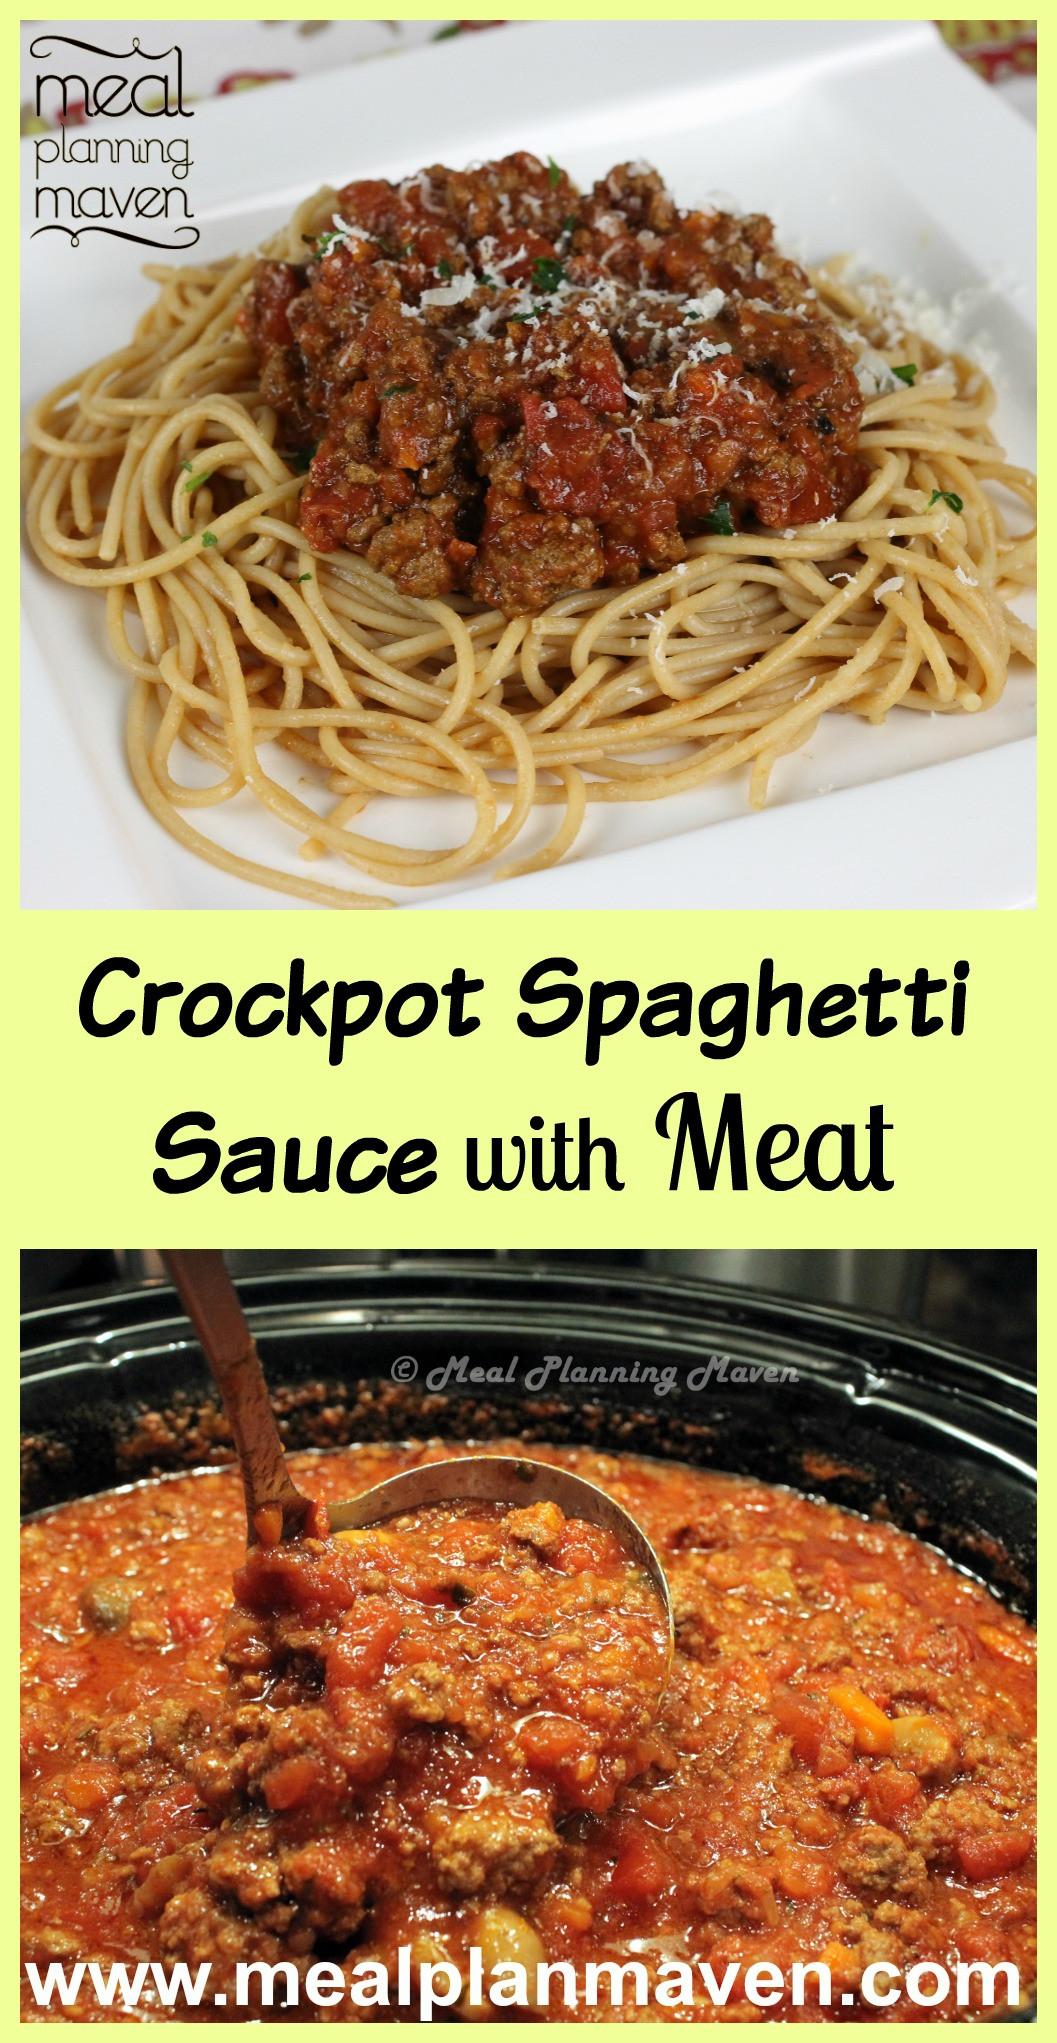 Crockpot Spaghetti Sauce  Crock Pot Meaty Pasta Sauce Recipe — Dishmaps